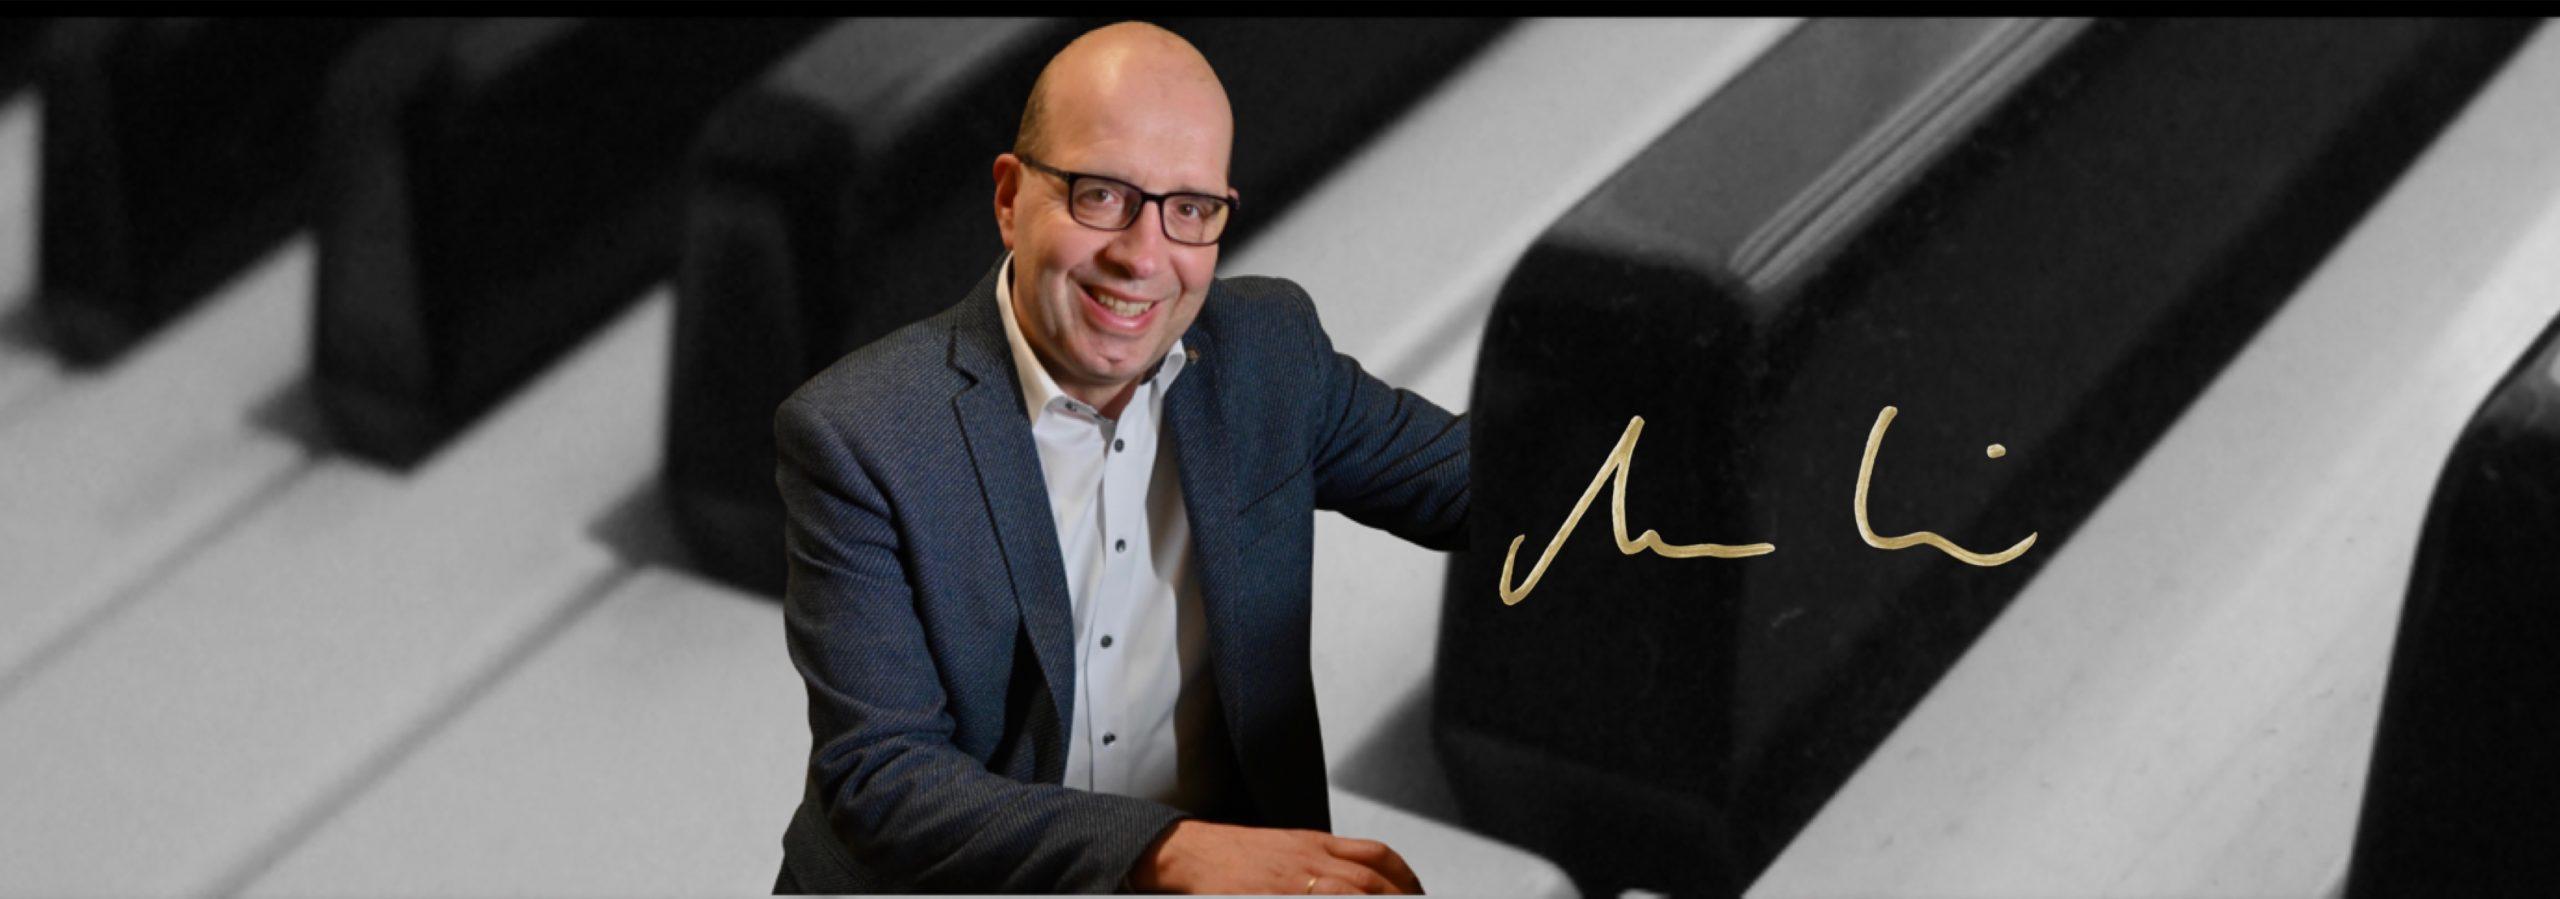 Marcus Schirmer Pianist